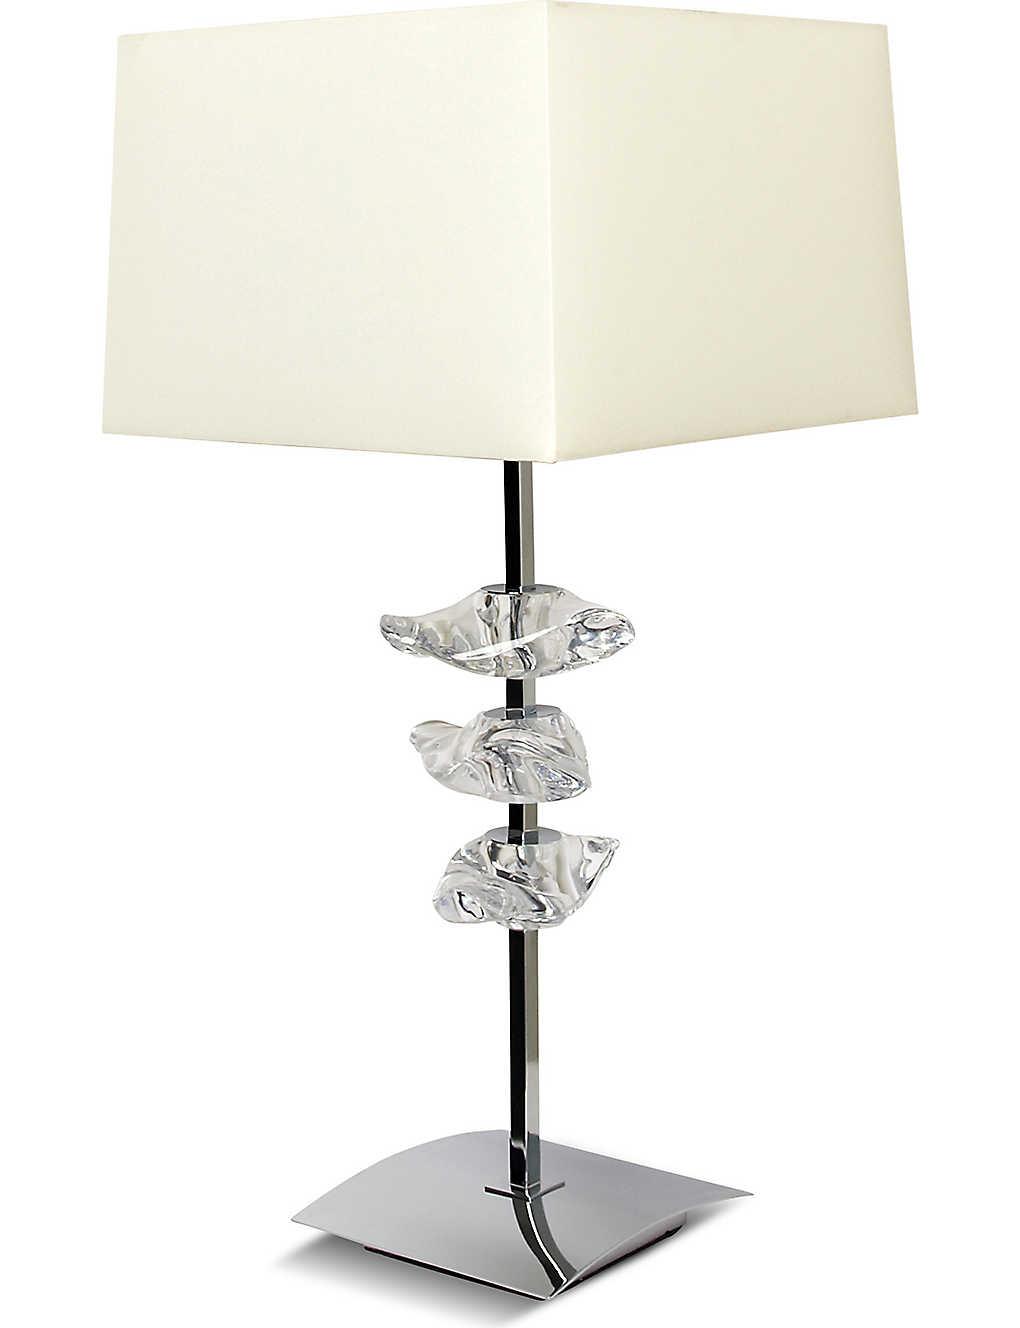 LIGHT SHOP Shakira table lamp |